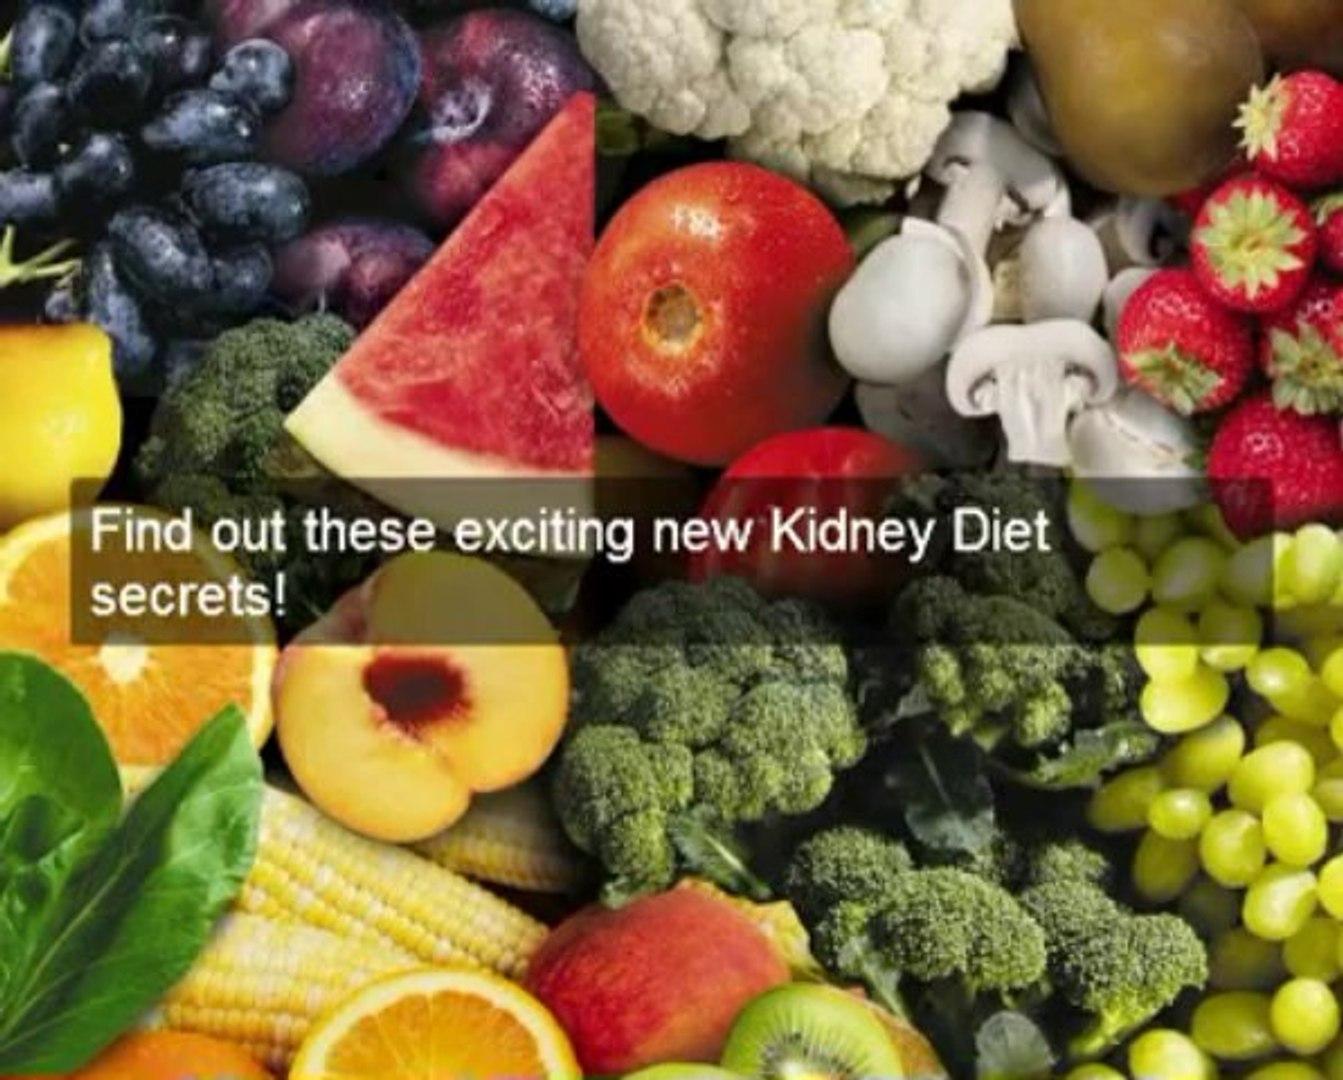 Best kidney diets for humans - kidney diet secrets gives healthy diet plan - kidney diets for humans